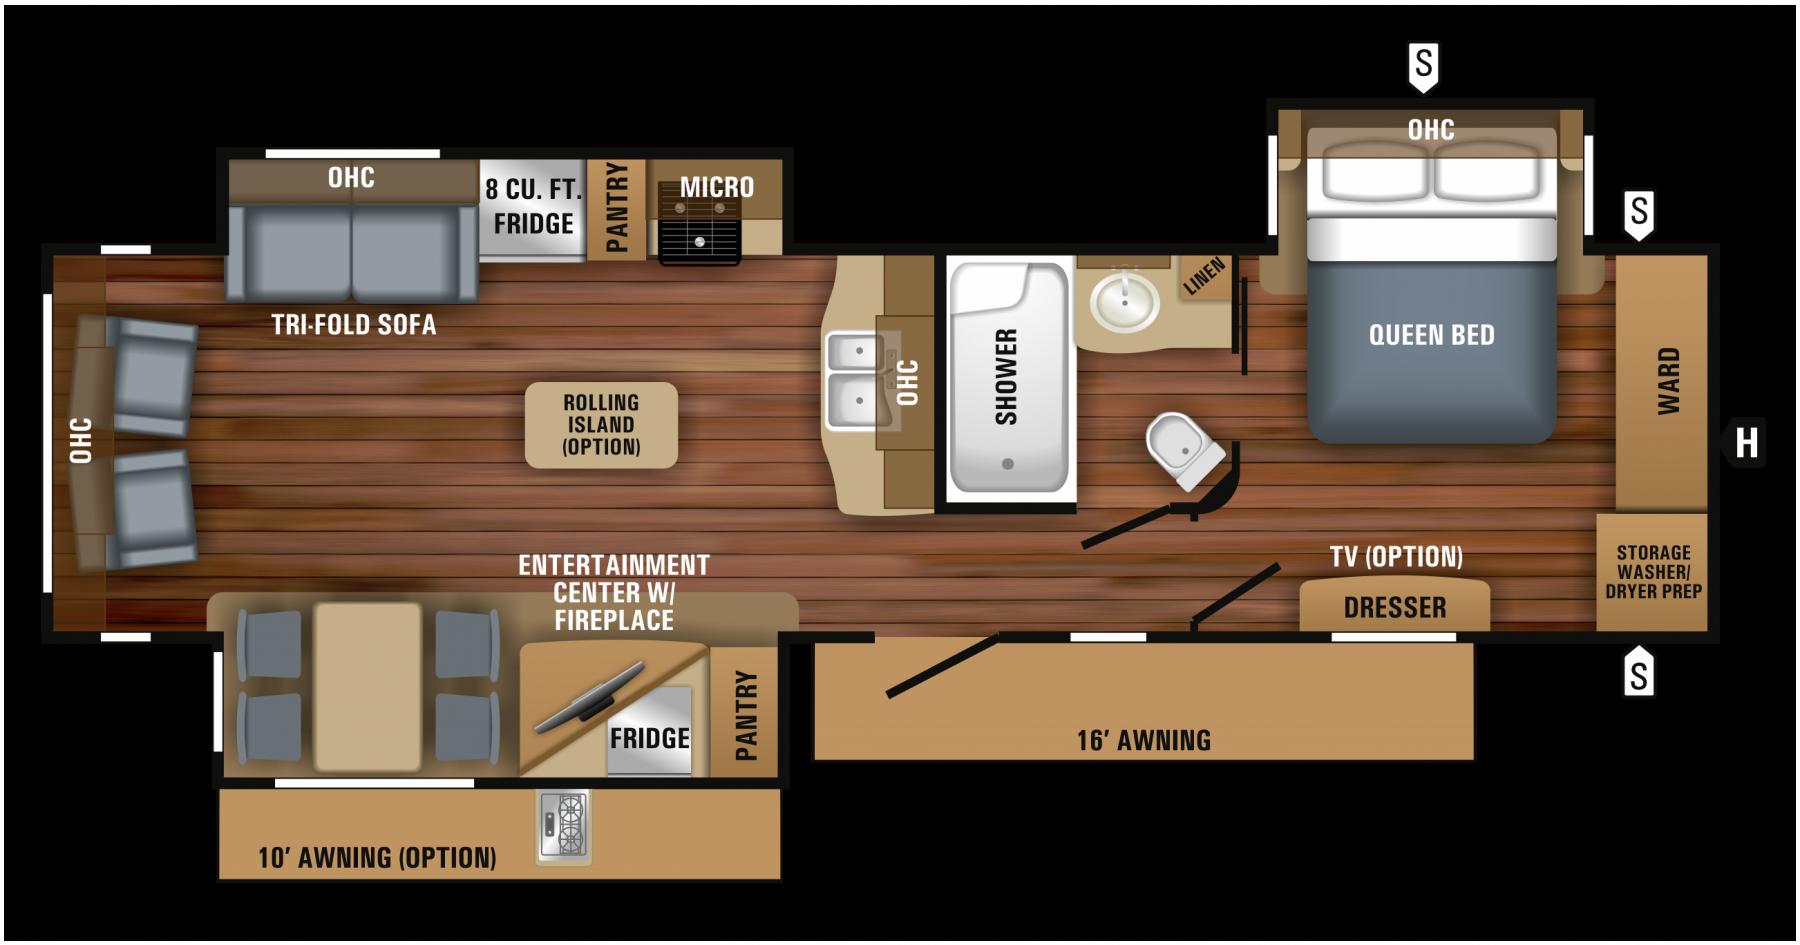 2018 Eagle Travel Trailer 320rlts Floorplan Koni Koniimproved Koniexperience Travel Trailer Floor Plans Travel Trailer Floor Plans